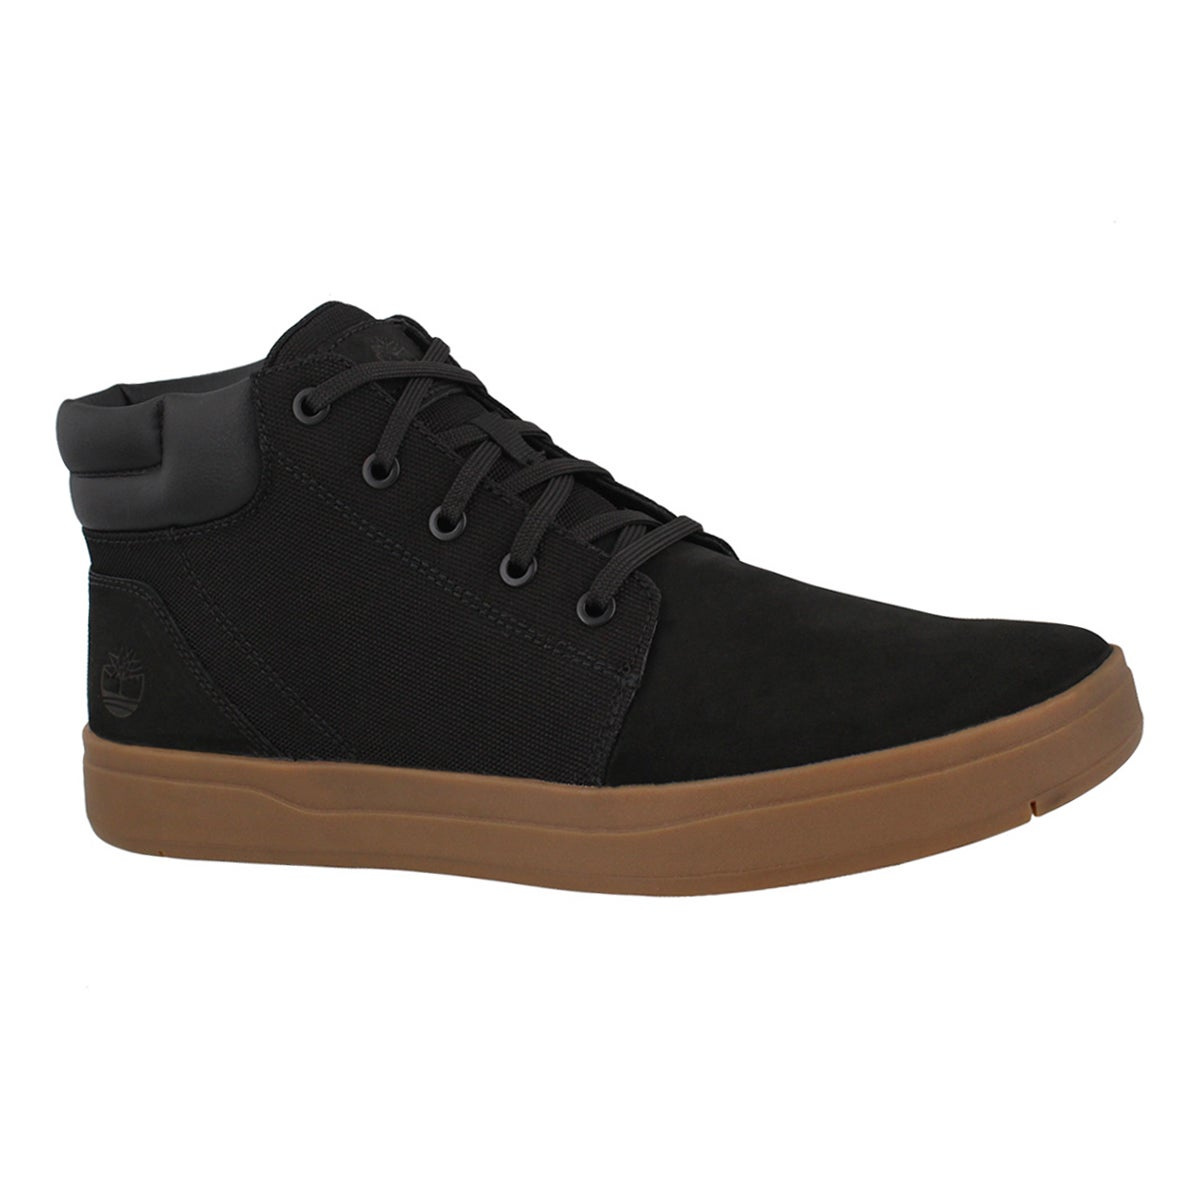 Men's DAVIS SQUARE black chukka boots